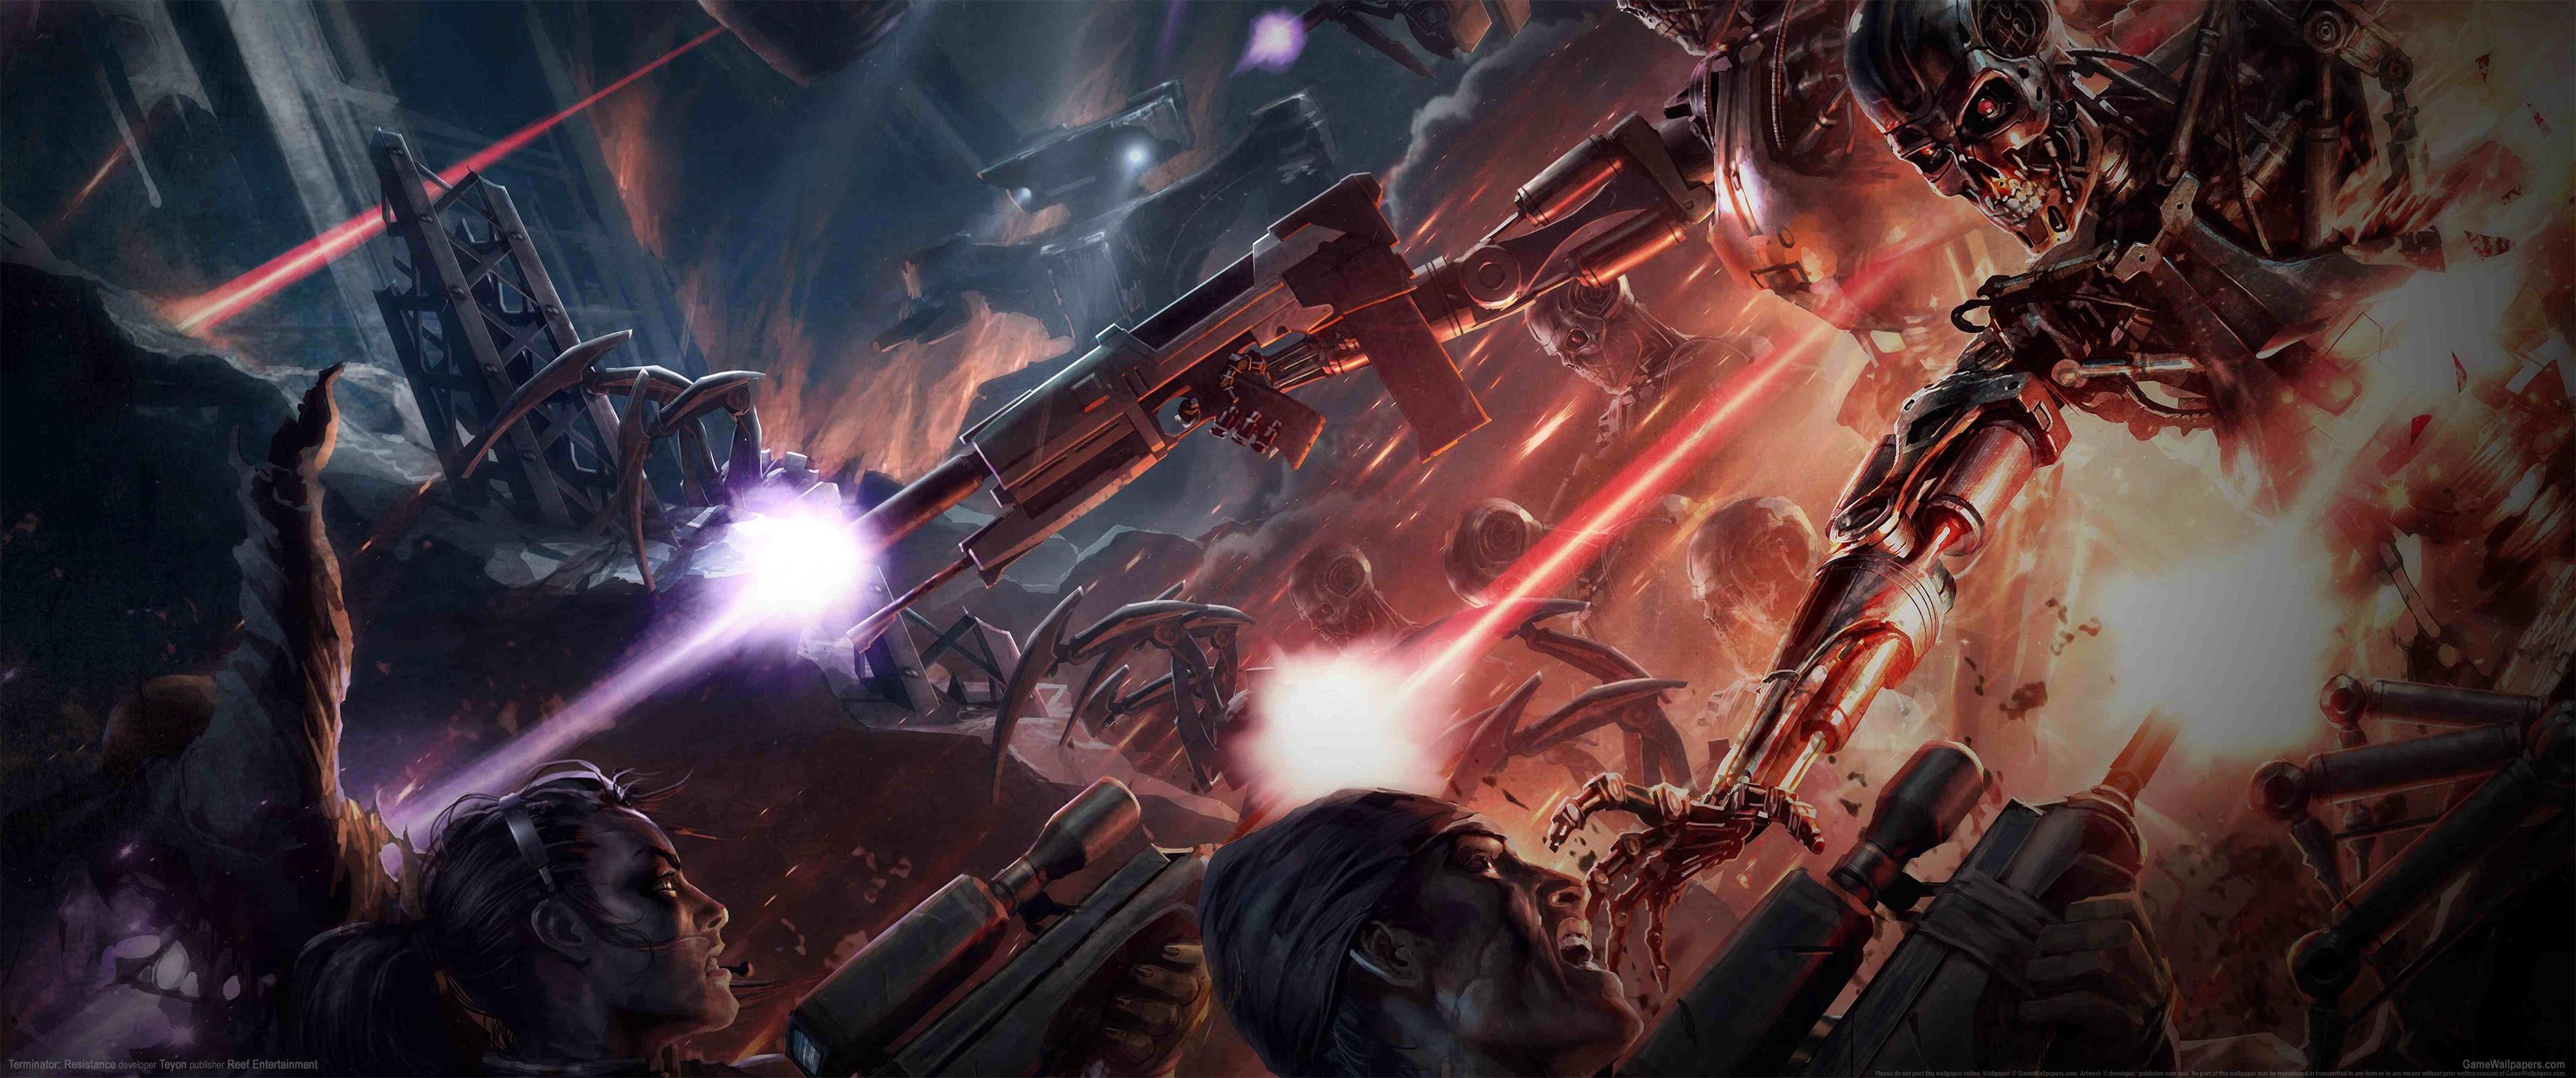 Terminator: Resistance 3440x1440 achtergrond 02